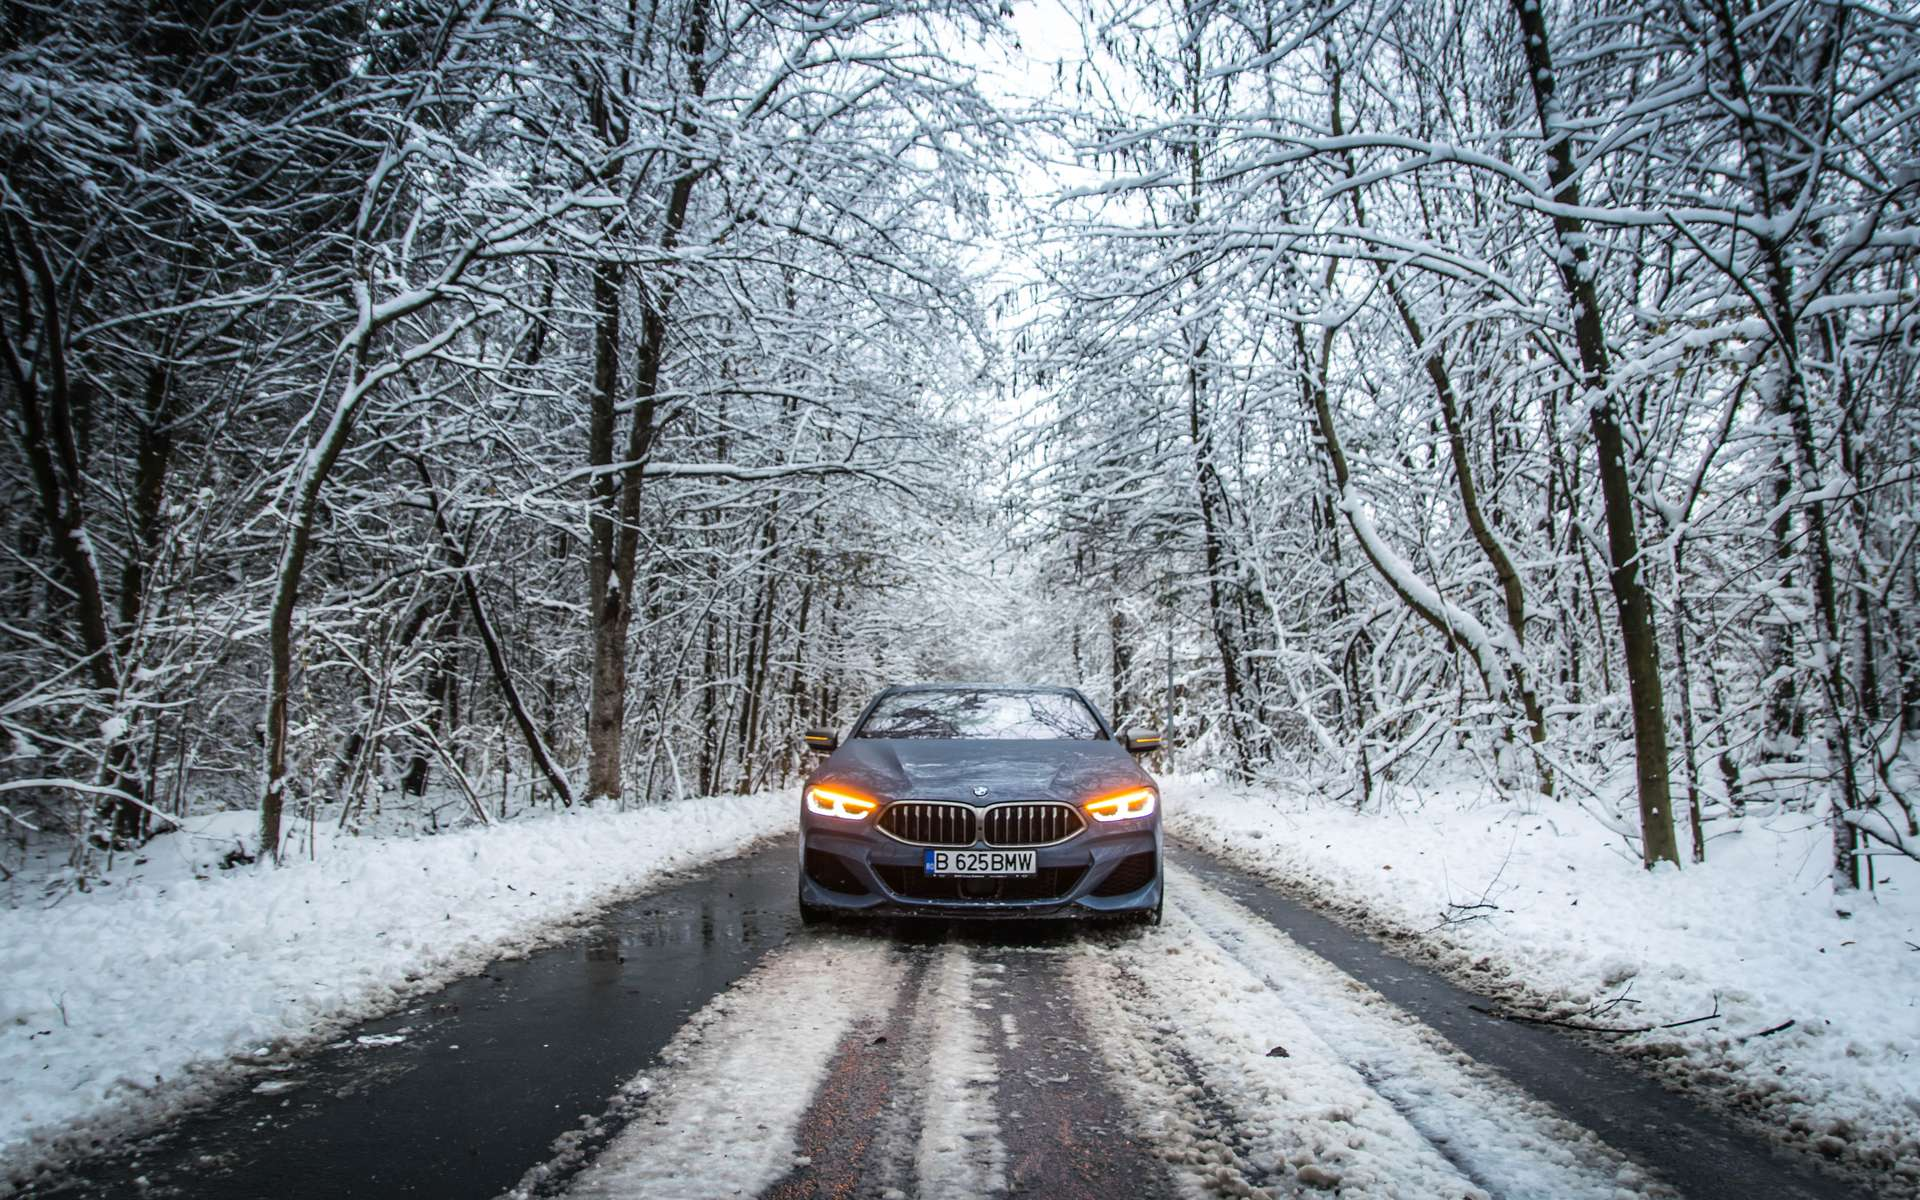 Batterie qui se charge mal, chauffage qui pompe de l'énergie... Les voitures électriques n'aiment pas le froid. © Gabriel Nica/500px.com